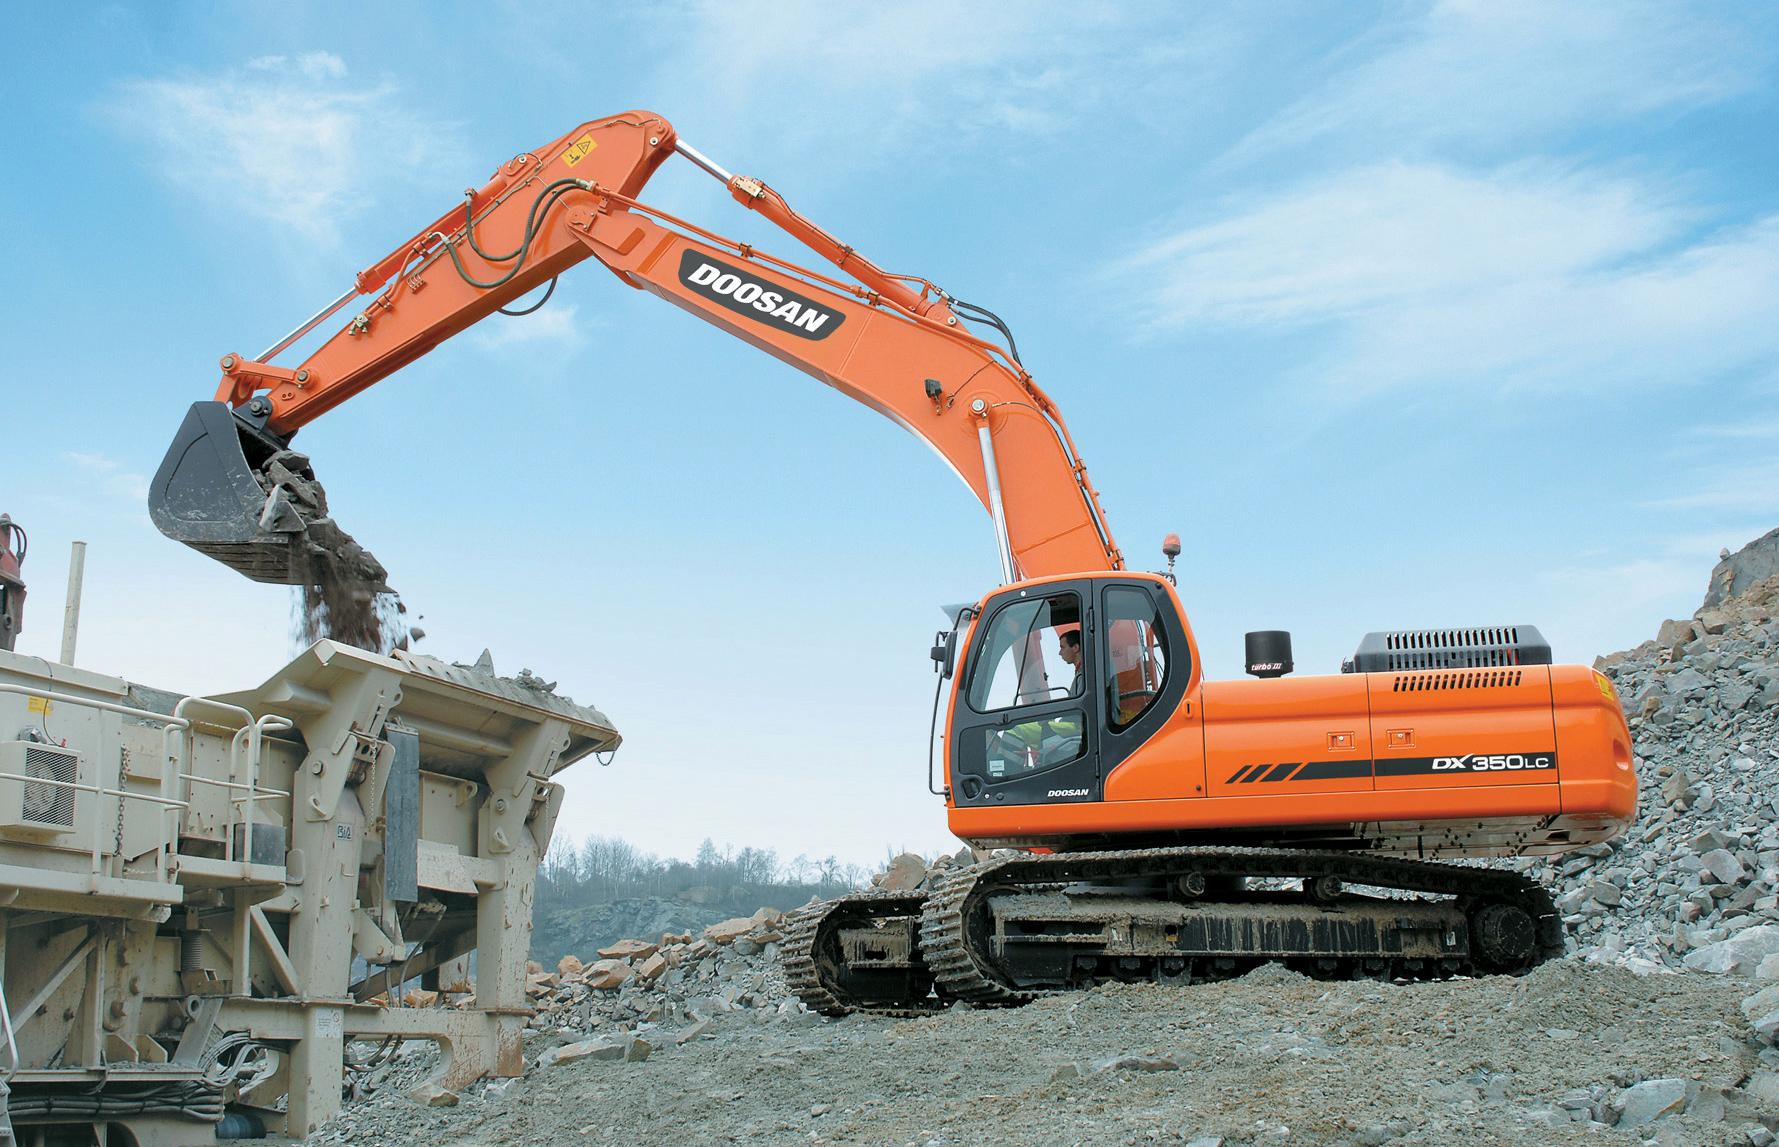 Doosan Excavator Parts - CK Heavy Equipt Parts